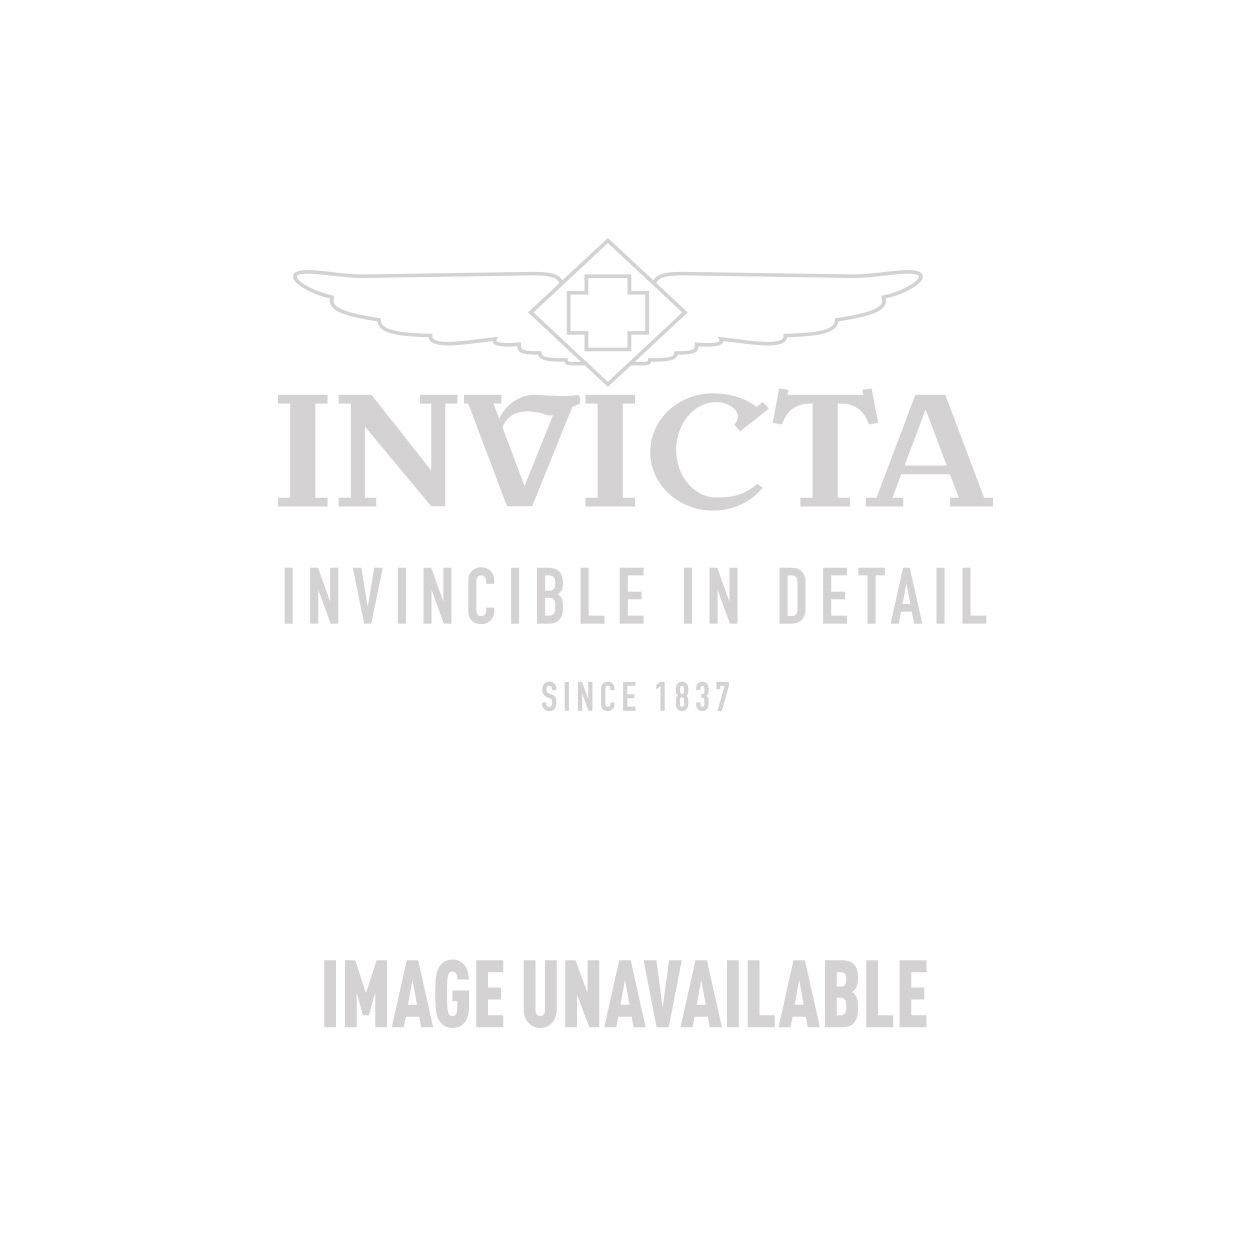 Invicta Model 24806